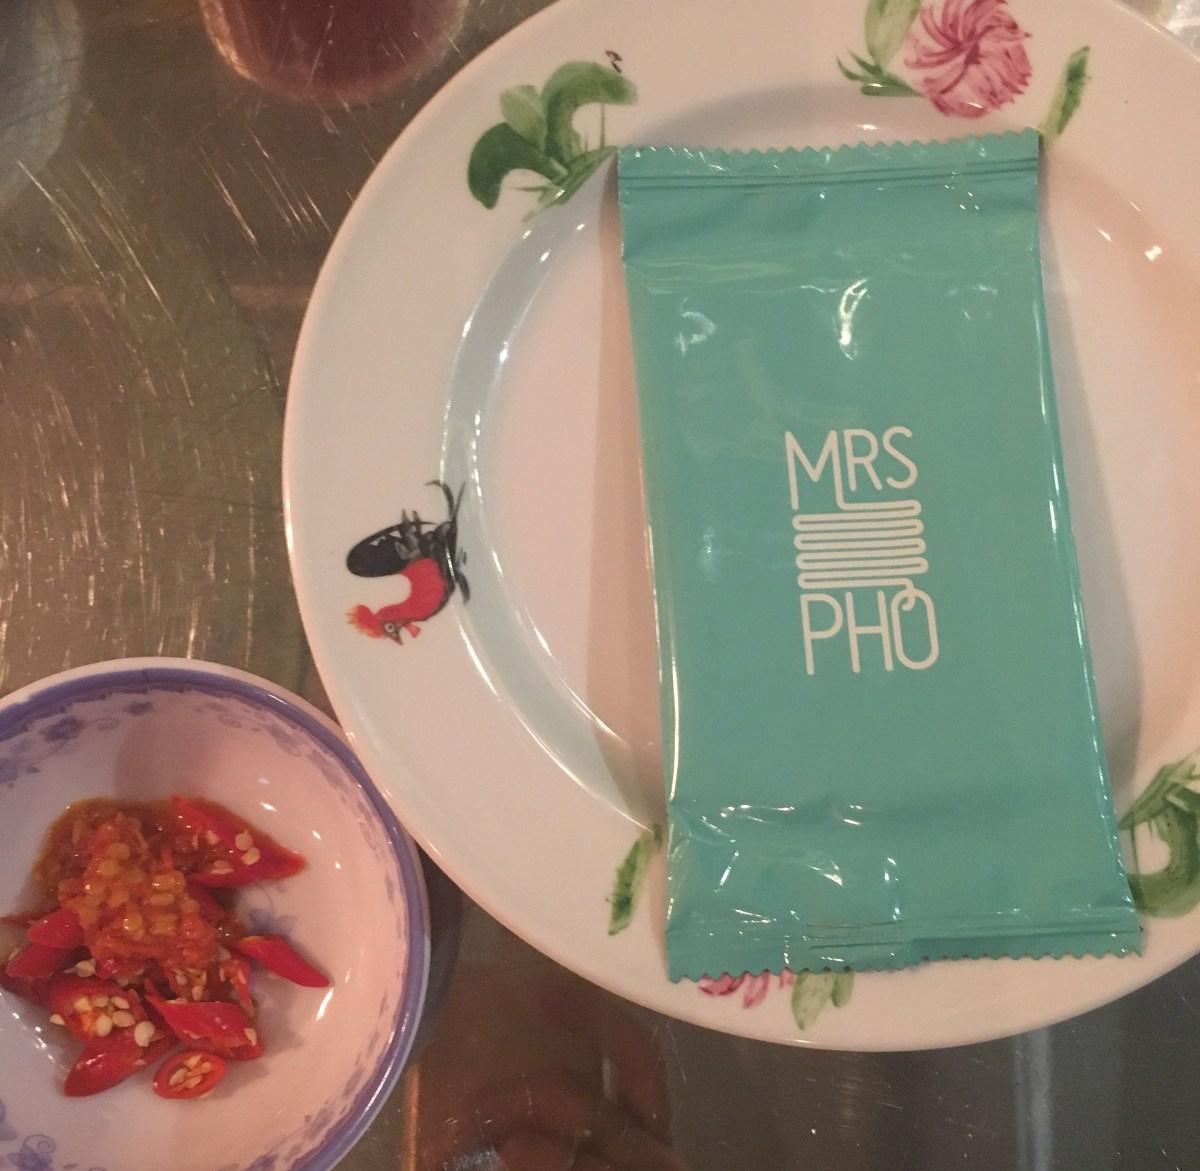 marketing-mrs-pho-2